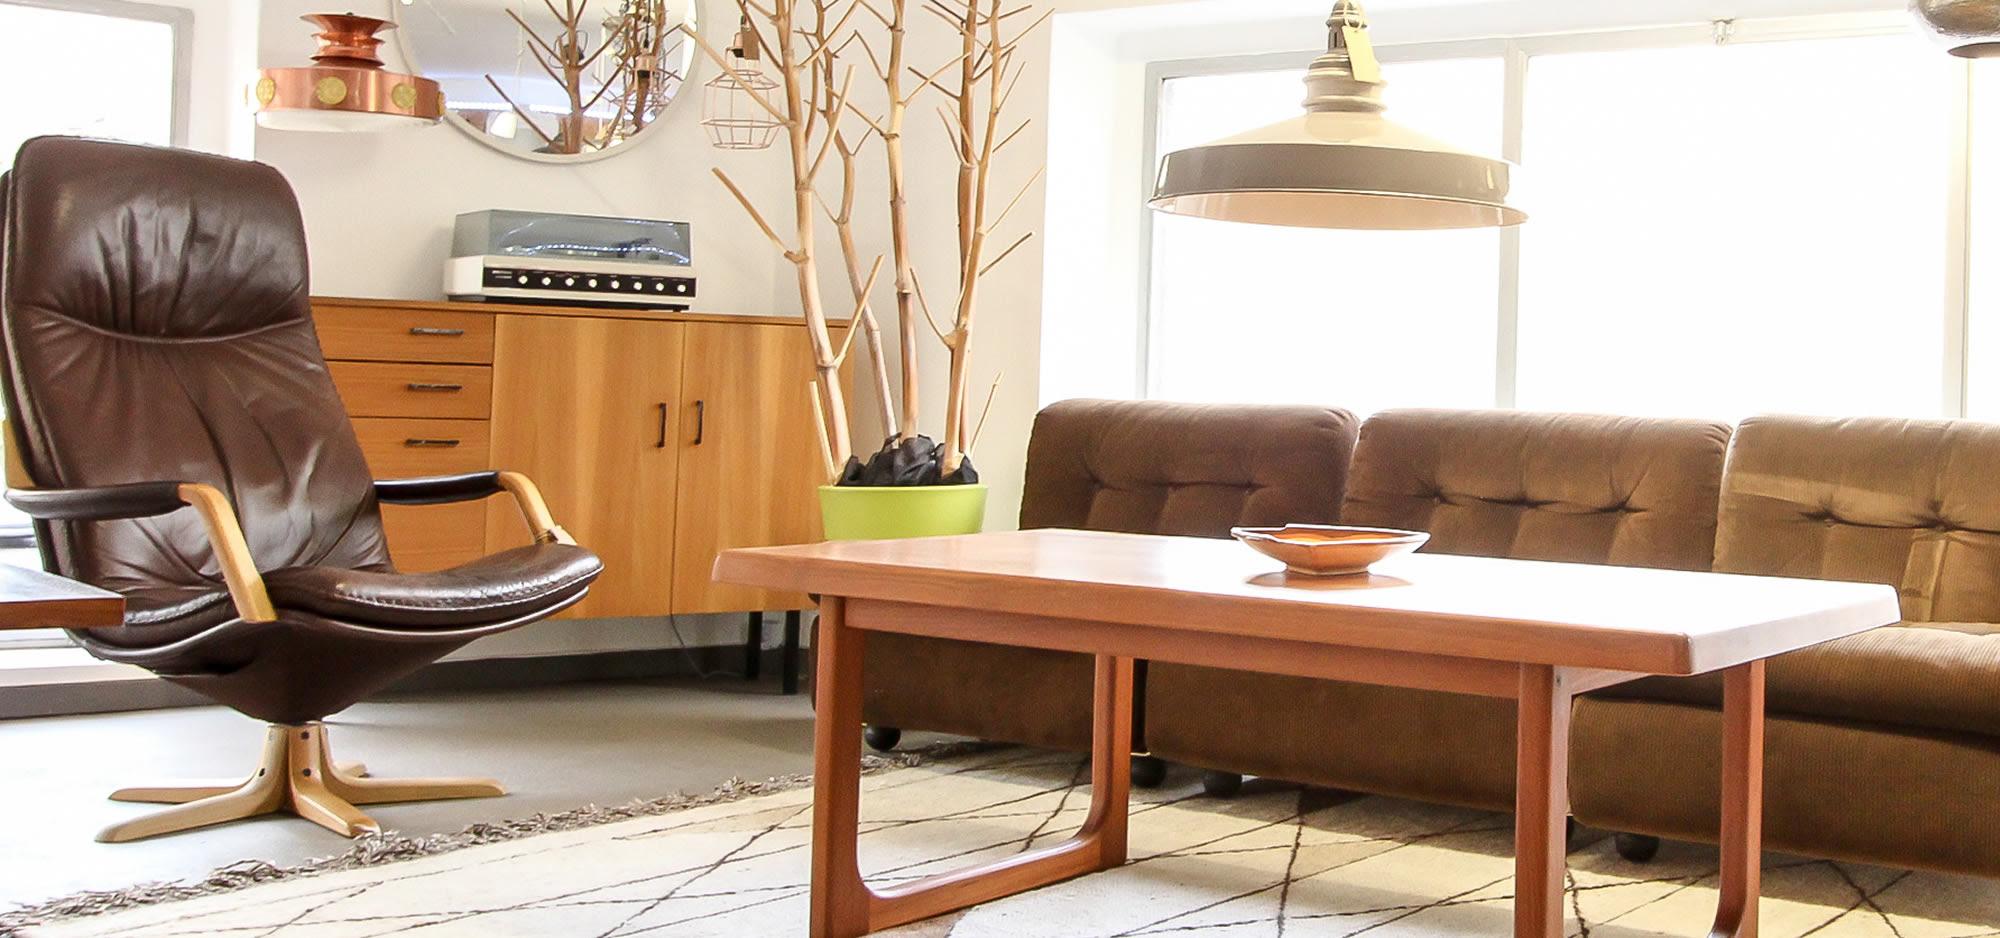 secondhandmöbel - vintage möbel - möbel-designklassiker